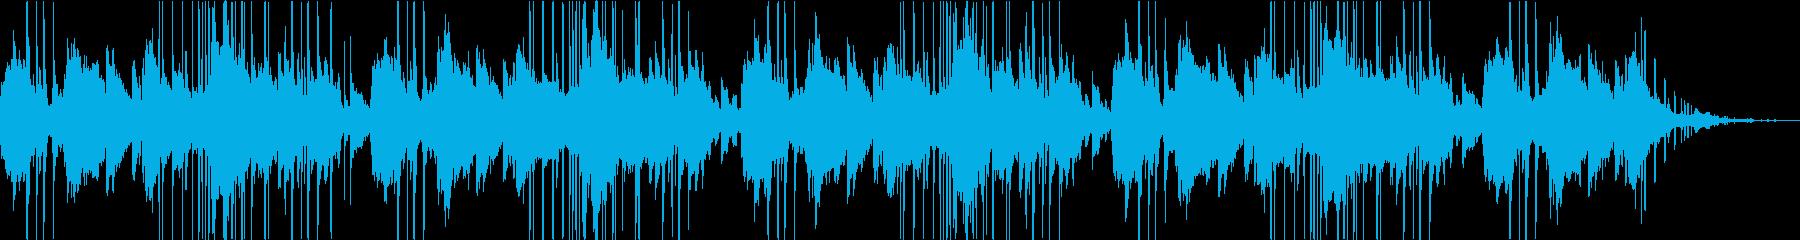 ゆったりした綺麗なエレクトロの再生済みの波形